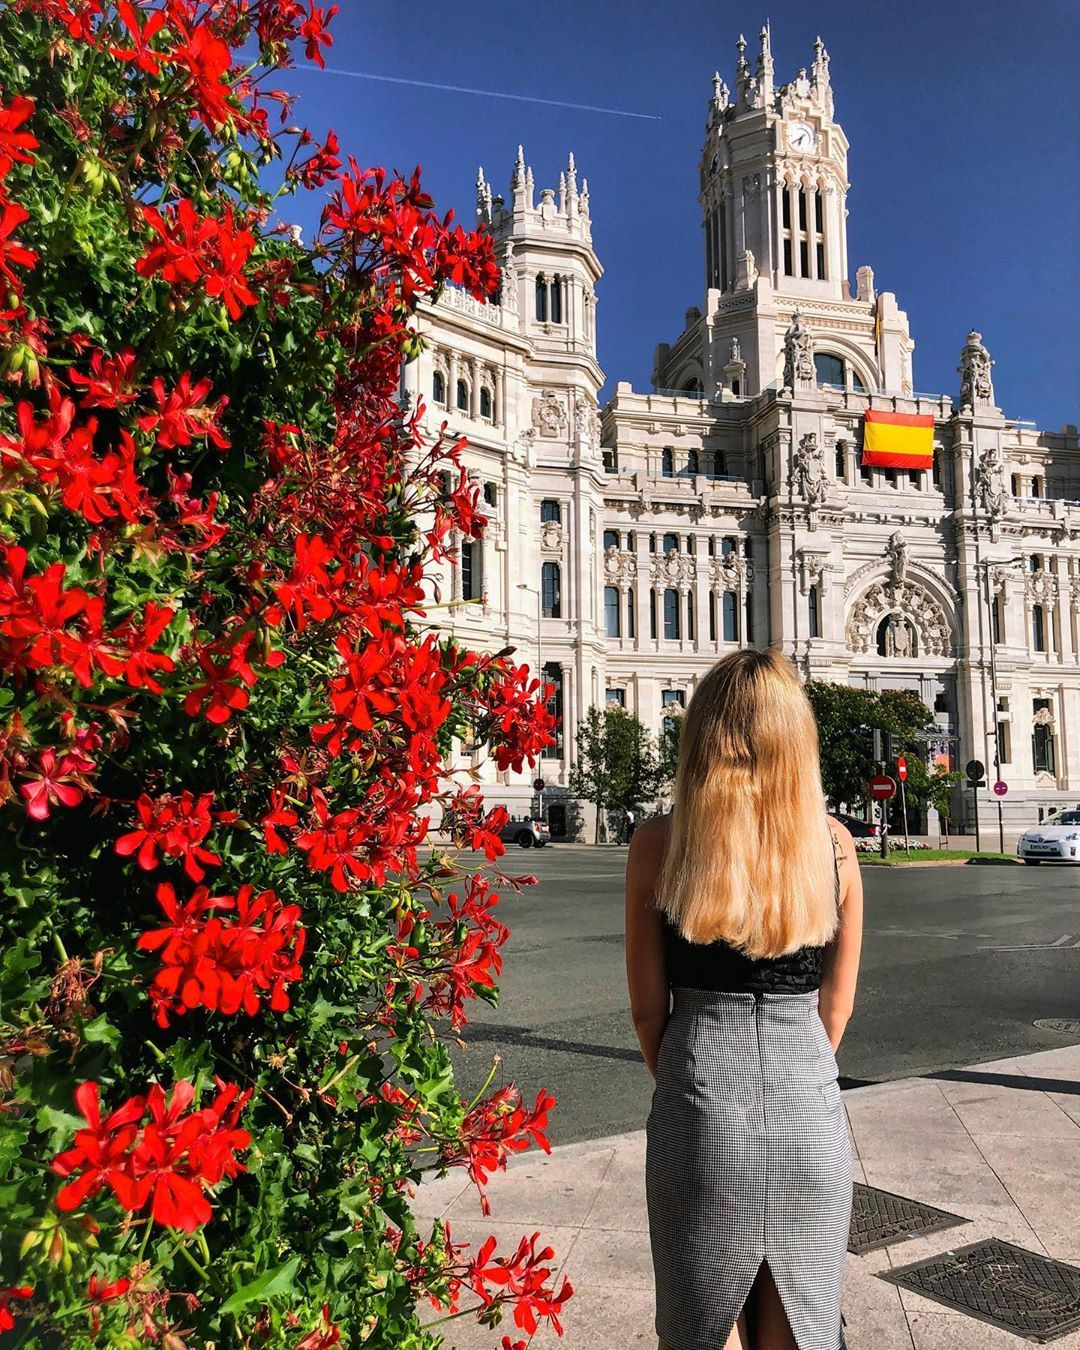 Habt Ihr Gewusst Dass Es In Madrid So Schon Ist Spanien Stadtereisen Europa Hauptstadt Urlaub Reisen Travel S City Trip Solo Travel Road Trip Europe